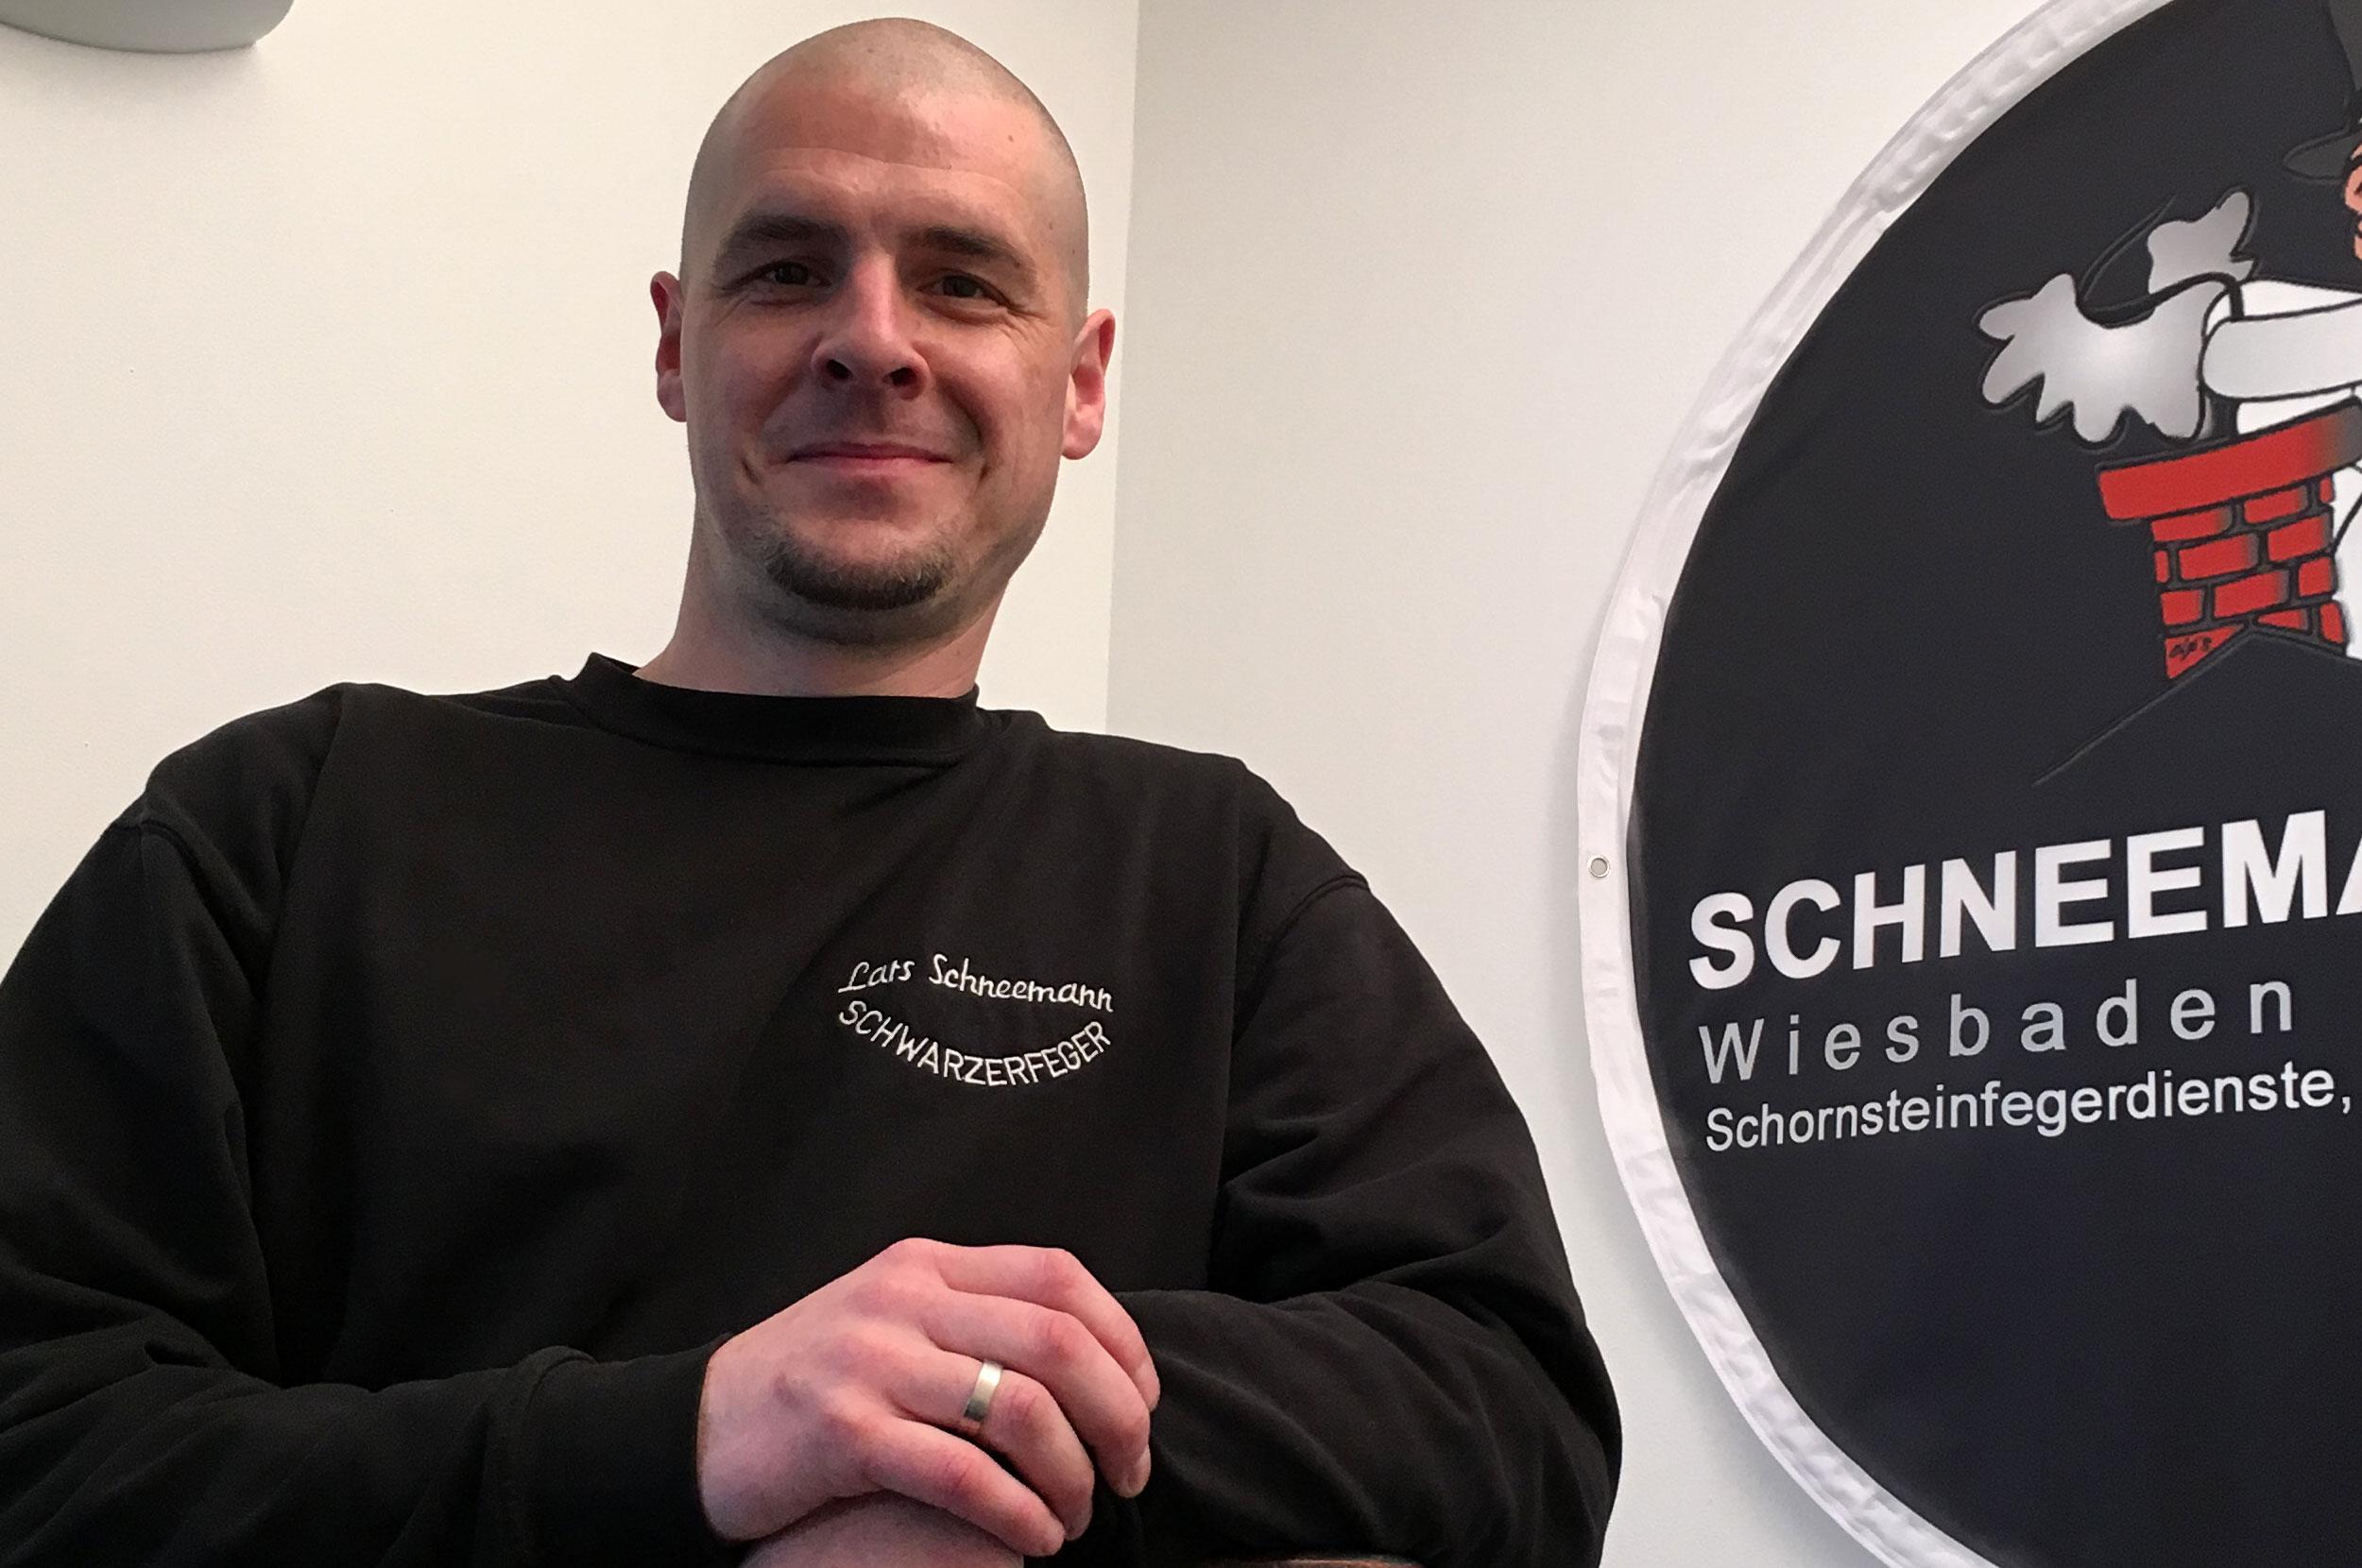 http://www.schneemann.online/wp-content/uploads/2015/12/lars-schneemann-sfm.jpg